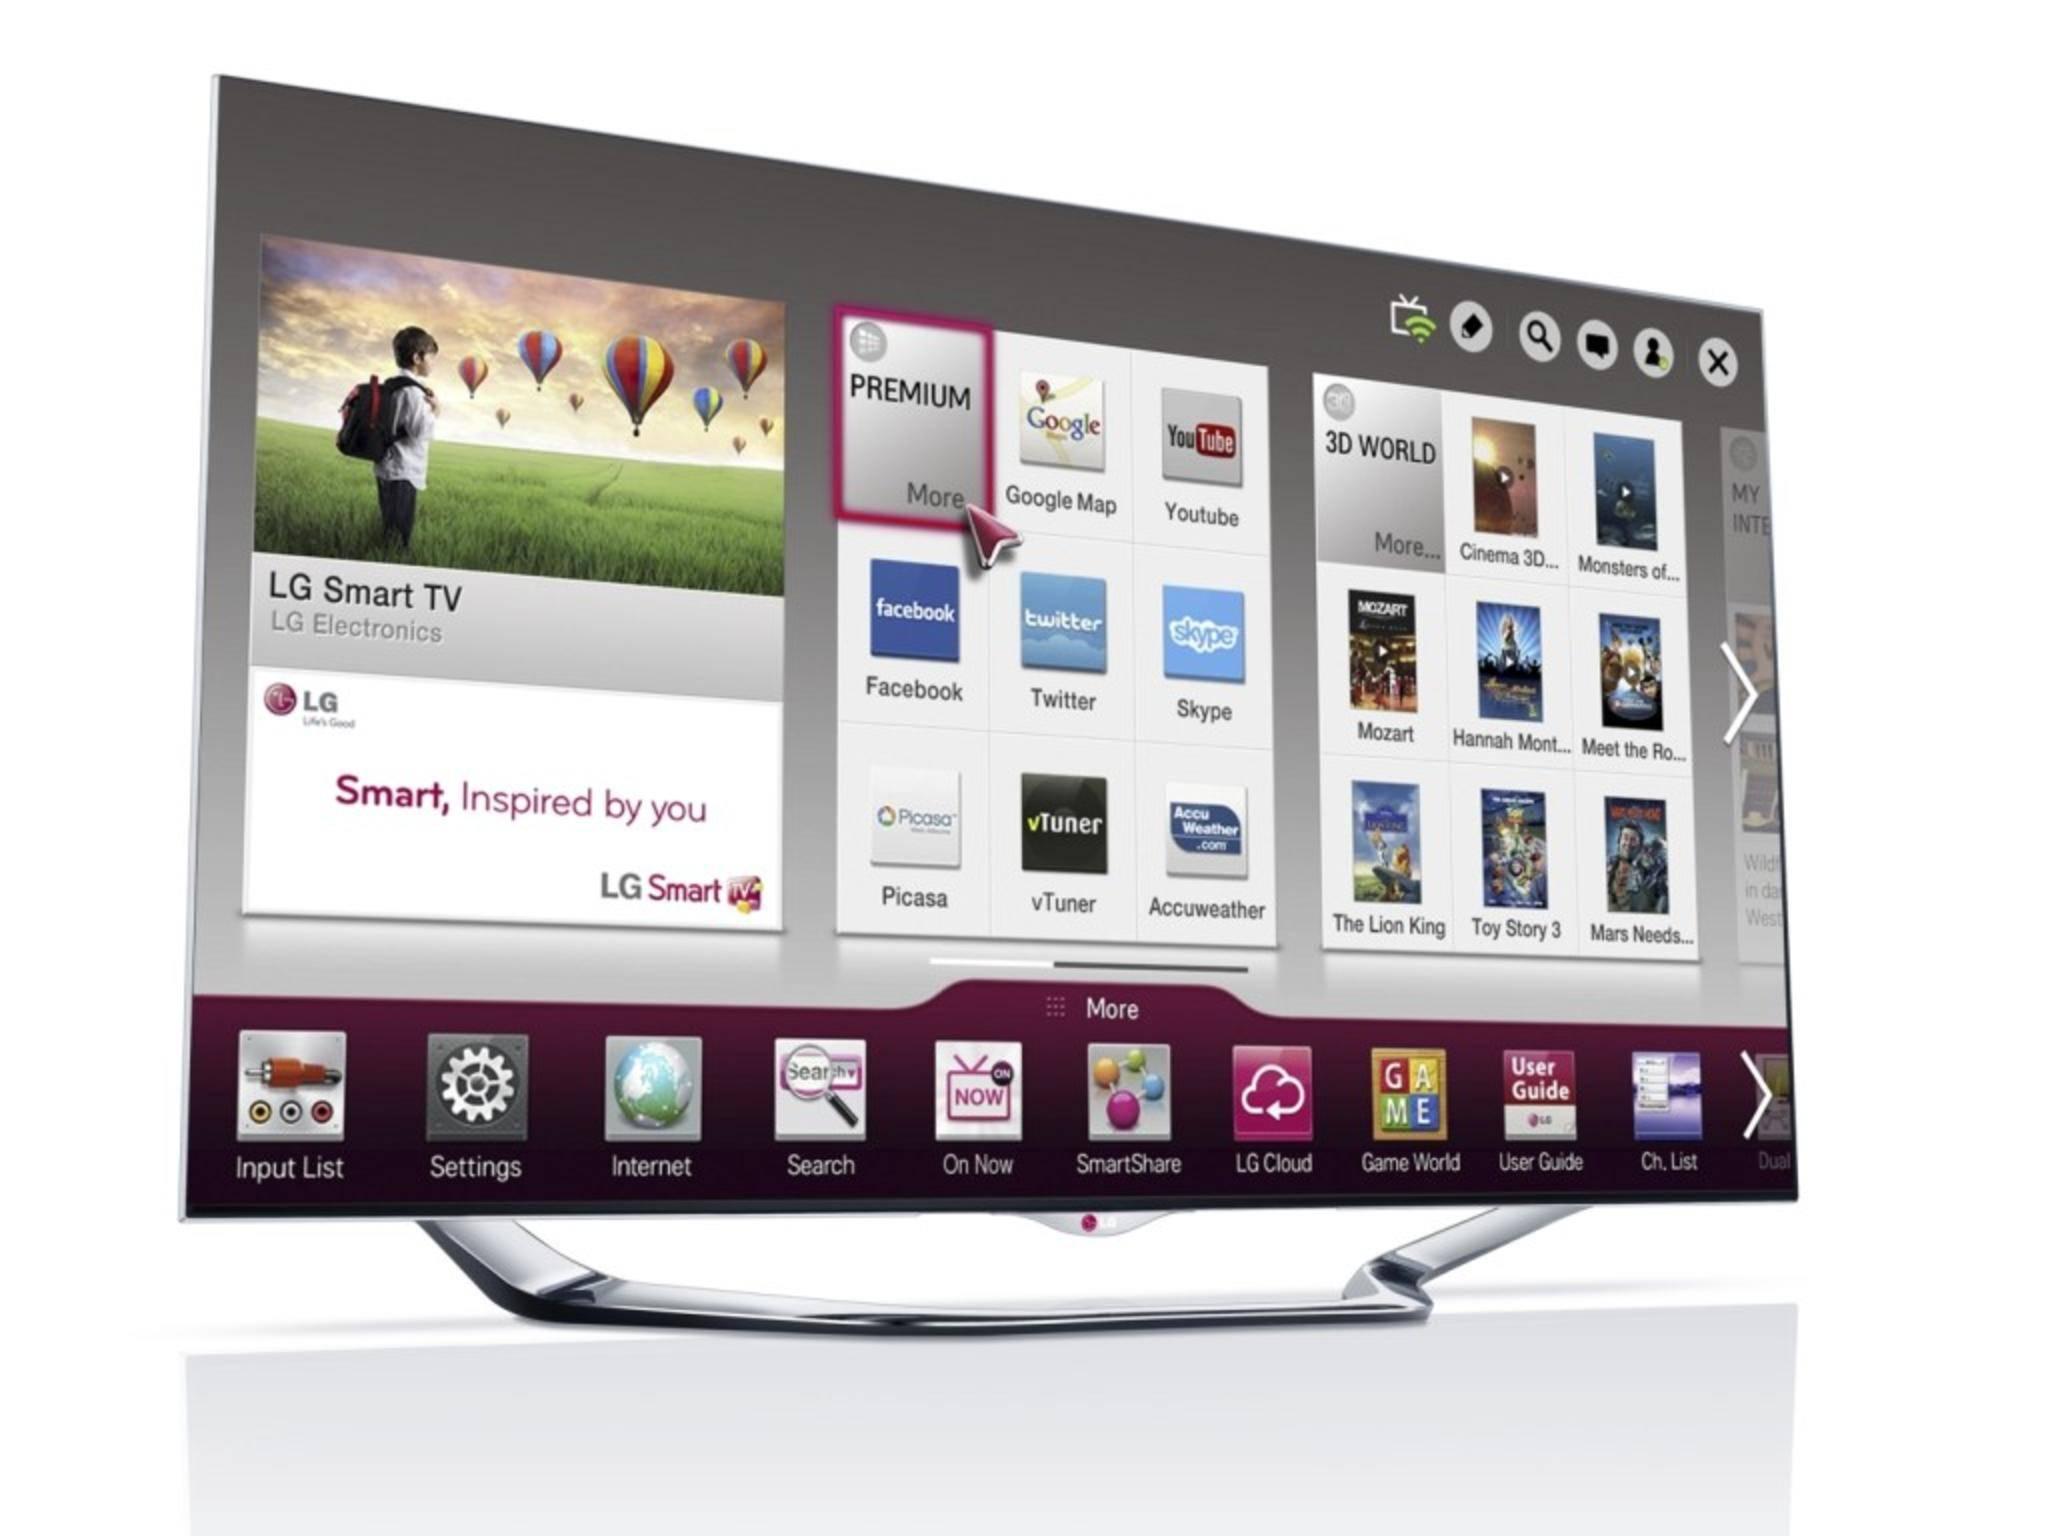 LG nennt seine eigene Plattform schlicht und einfach LG Smart TV.